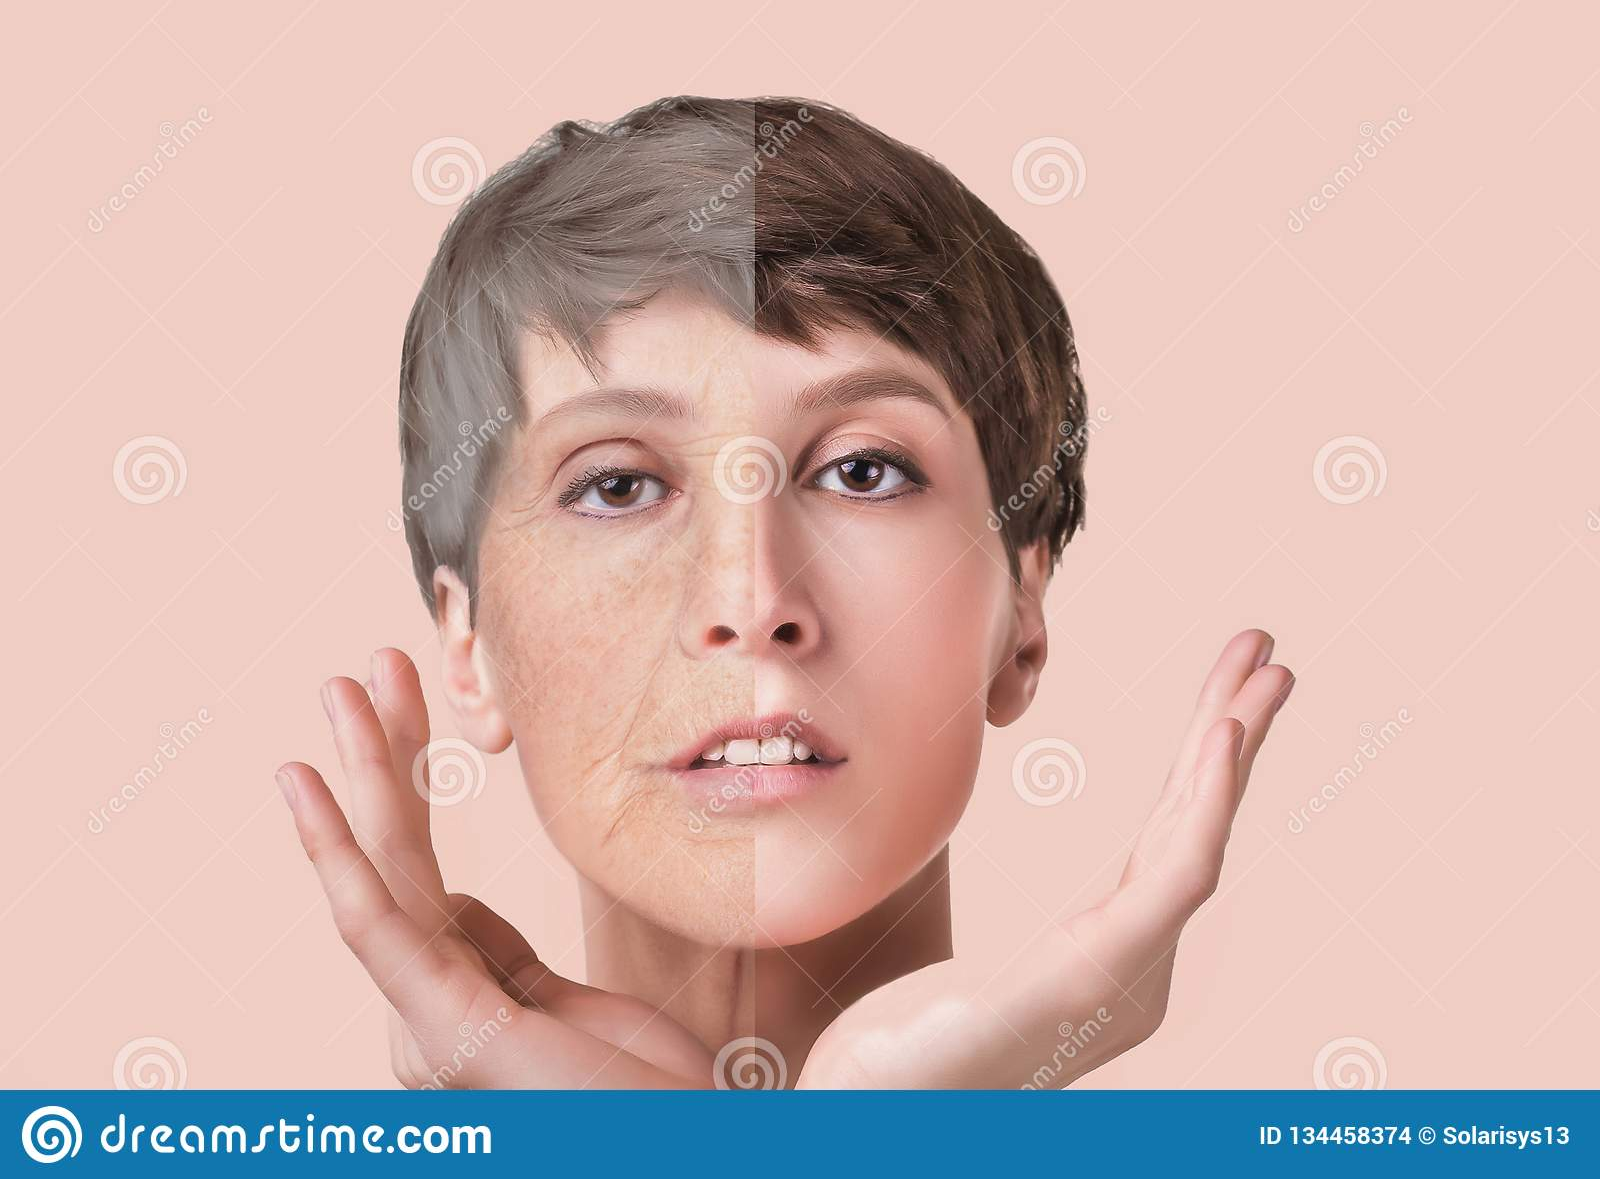 381eb7bbad Anti-aging